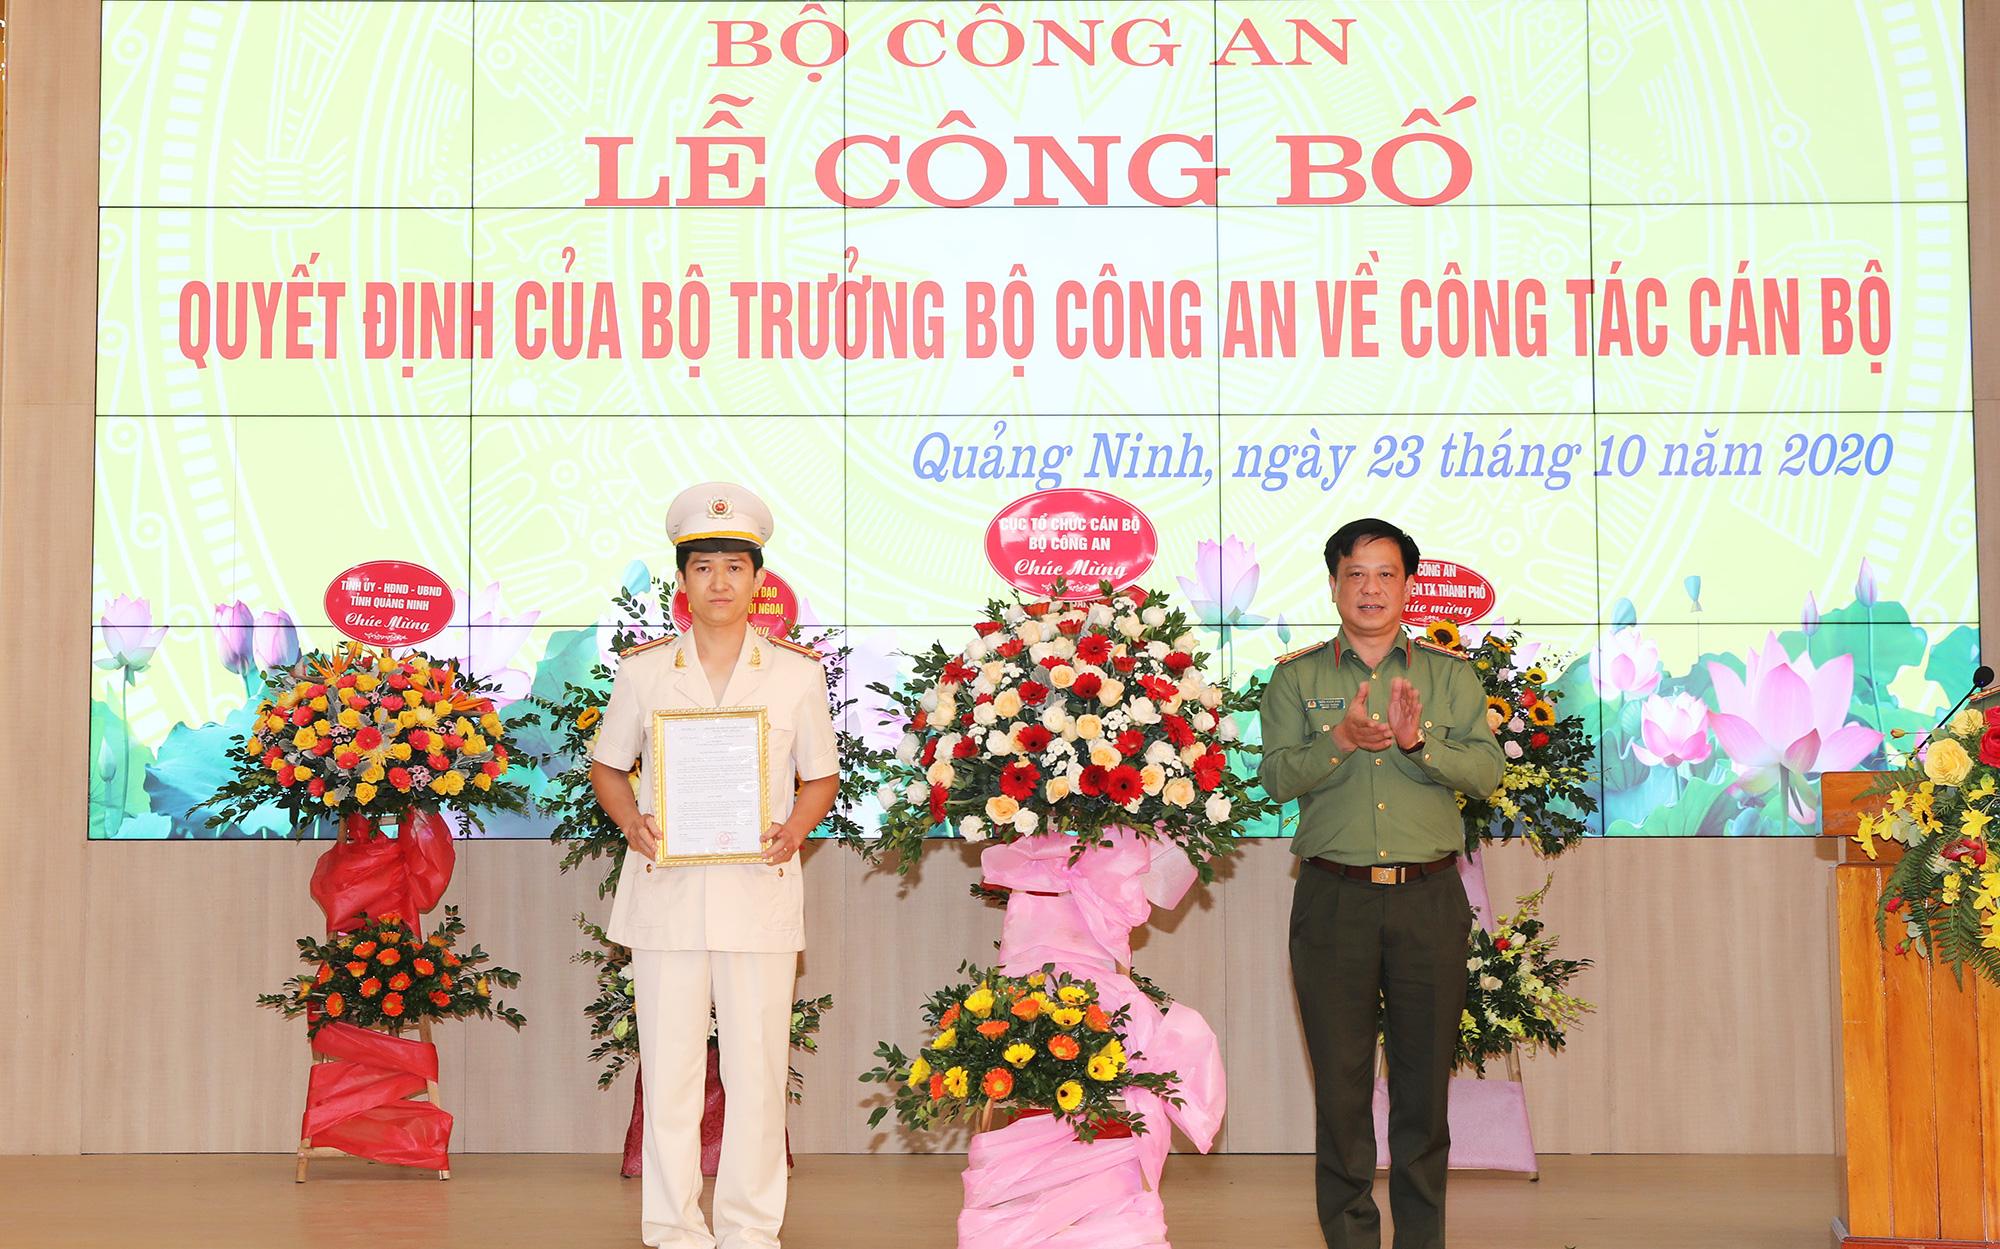 Trao Quyết định bổ nhiệm Phó Giám đốc Công an tỉnh Quảng Ninh